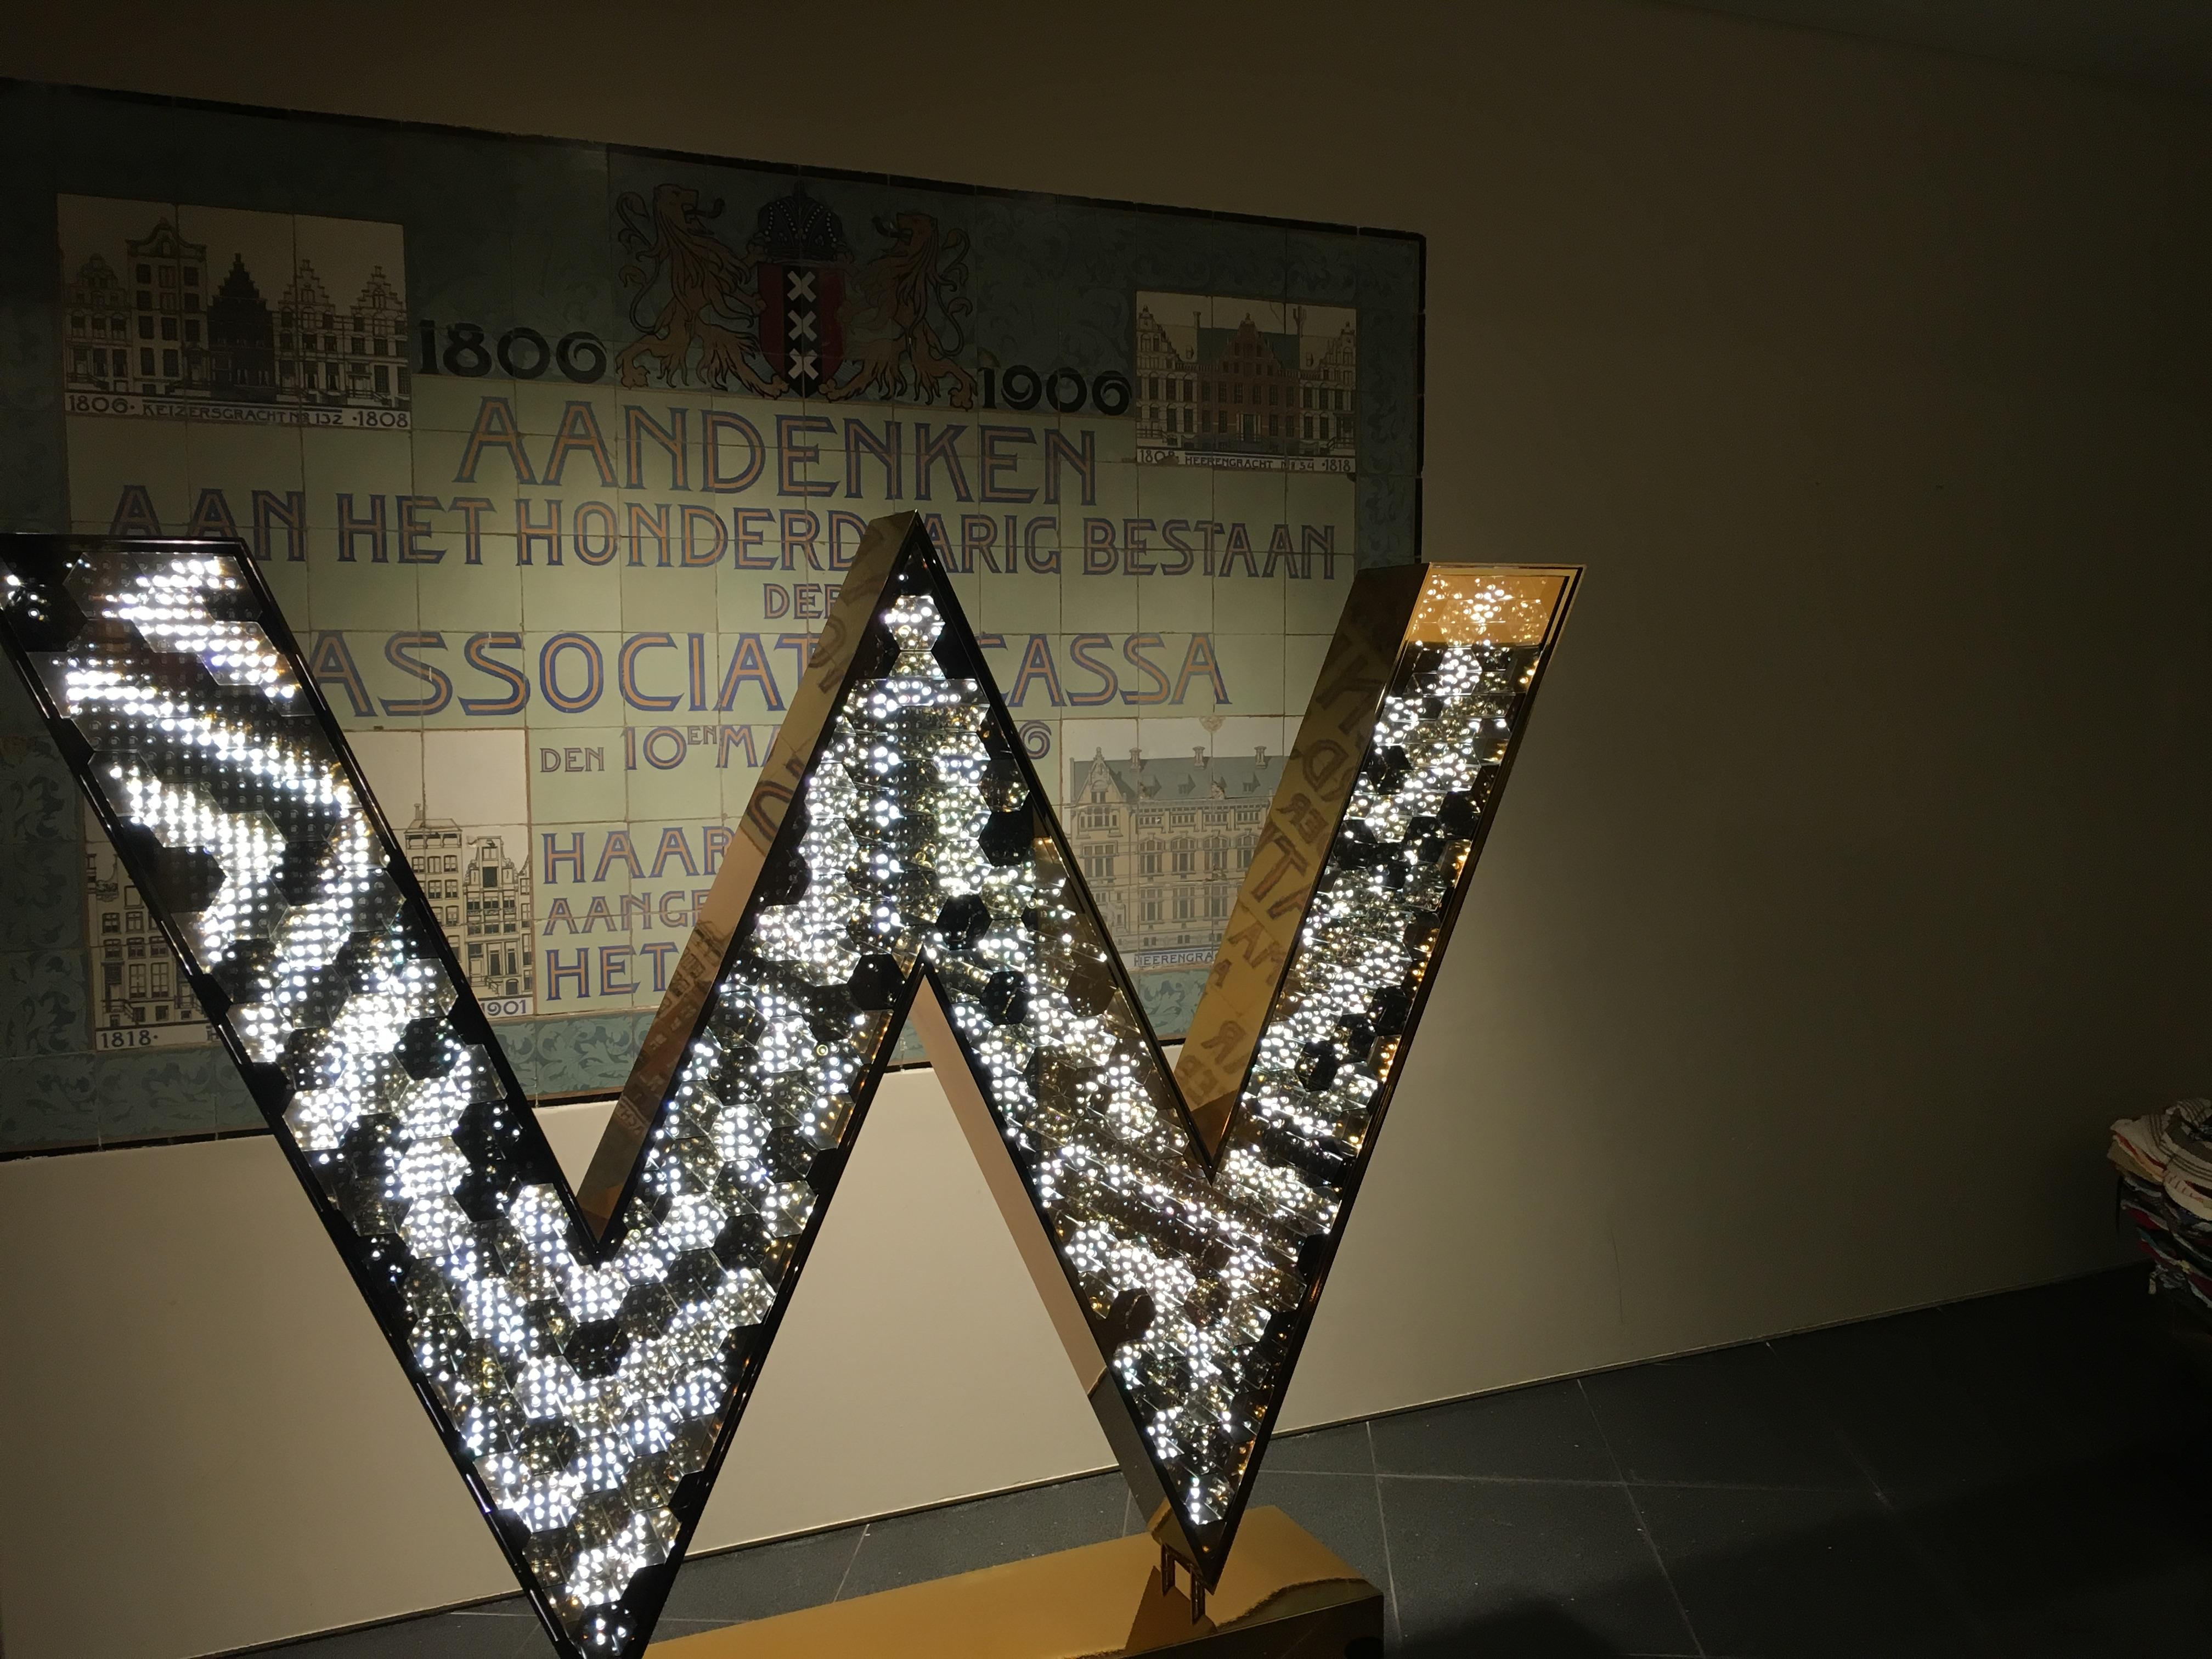 BAライフタイム・ゴールドメンバーシップへの道#87(ロンドンガトウィック(LGW) – アムステルダム(AMS))